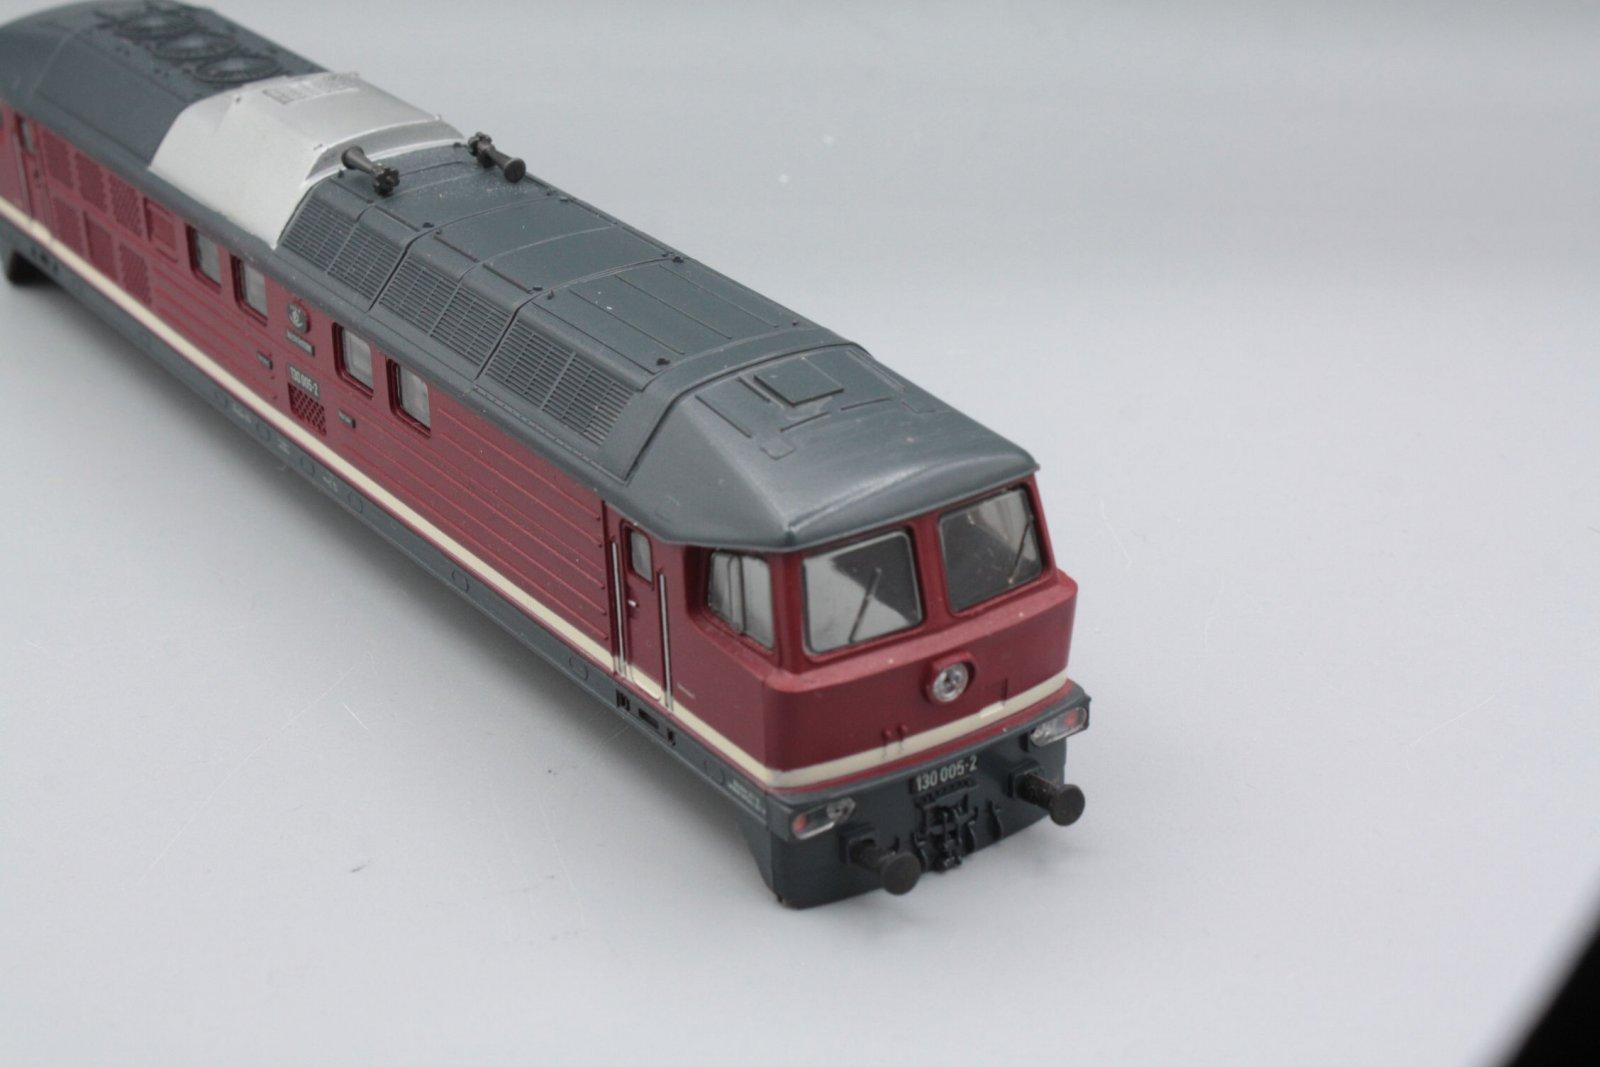 Ersatzteil Piko 130 Gehäuse 130 005-2 DR - Piko H0 (DDR)- rot